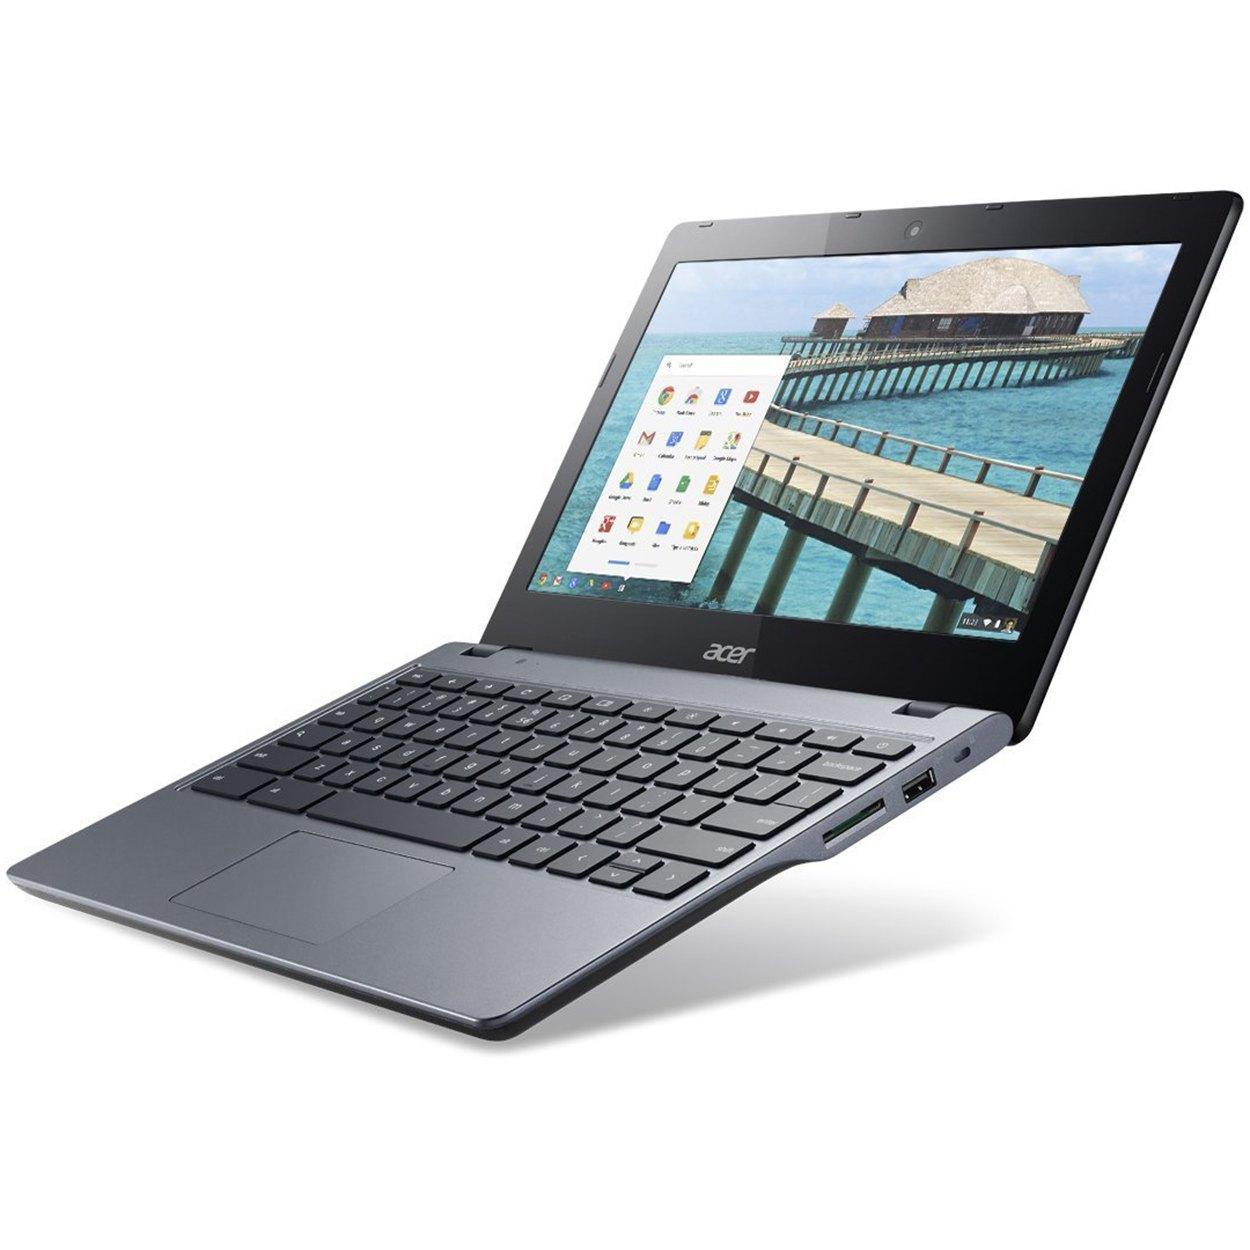 Acer ChromeBook C740-C4Pe Celeron 3205U 1.50 GHz - SSD 16 GB - 4 GB